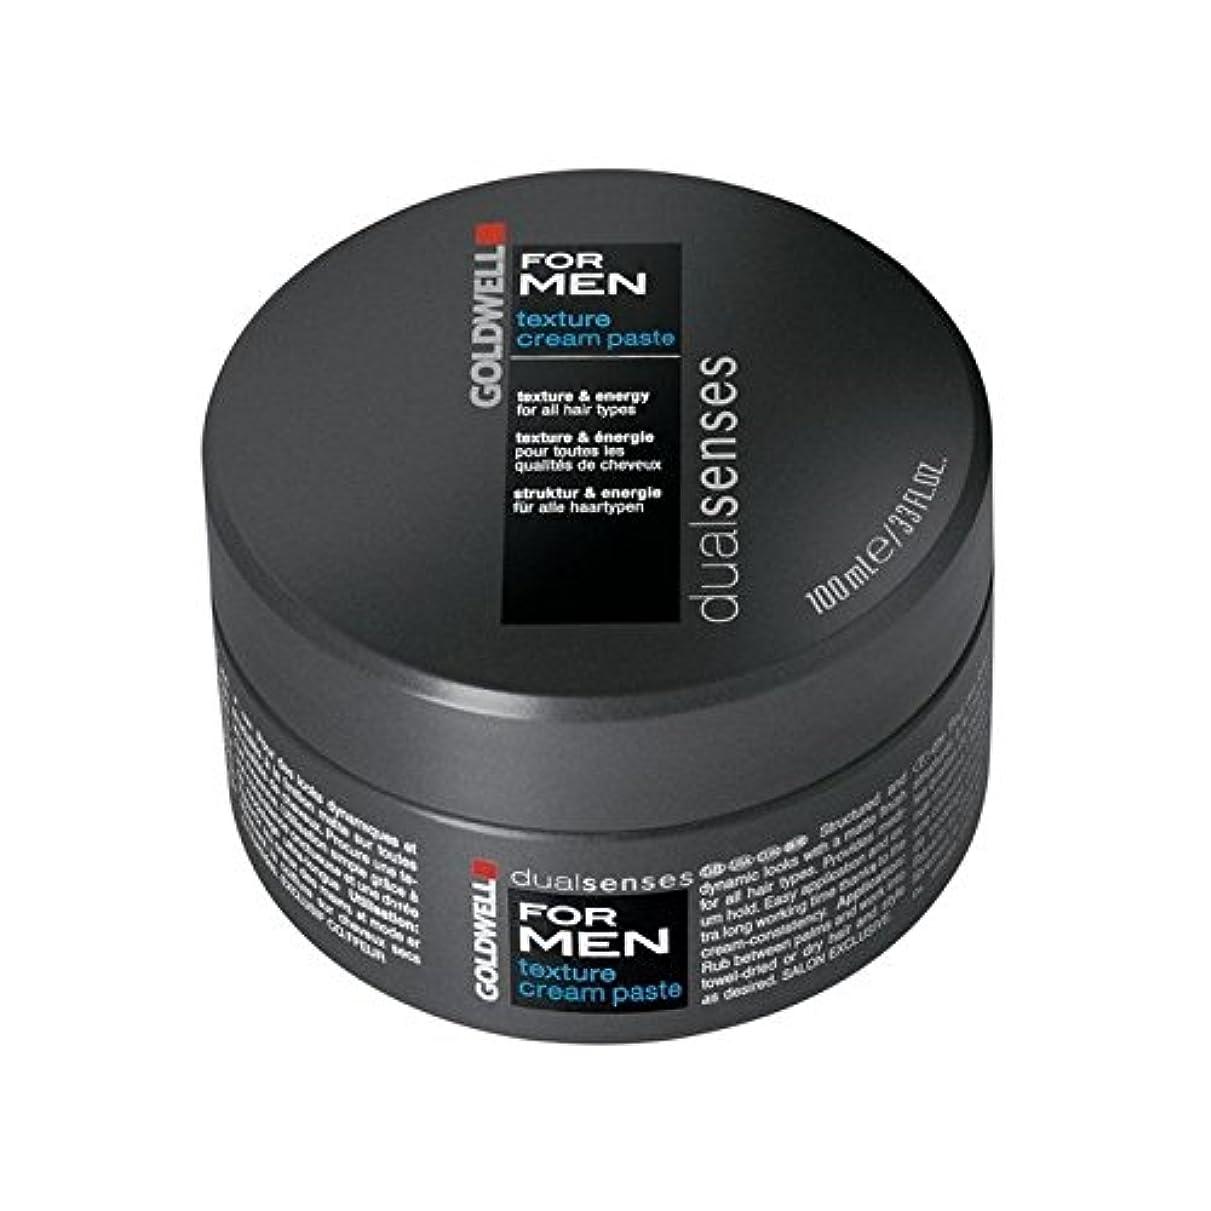 形ドリンク爆発男性のテクスチャーのクリームペースト(100ミリリットル)のためのの x4 - Goldwell Dualsenses For Men Texture Cream Paste (100ml) (Pack of 4) [並行輸入品]